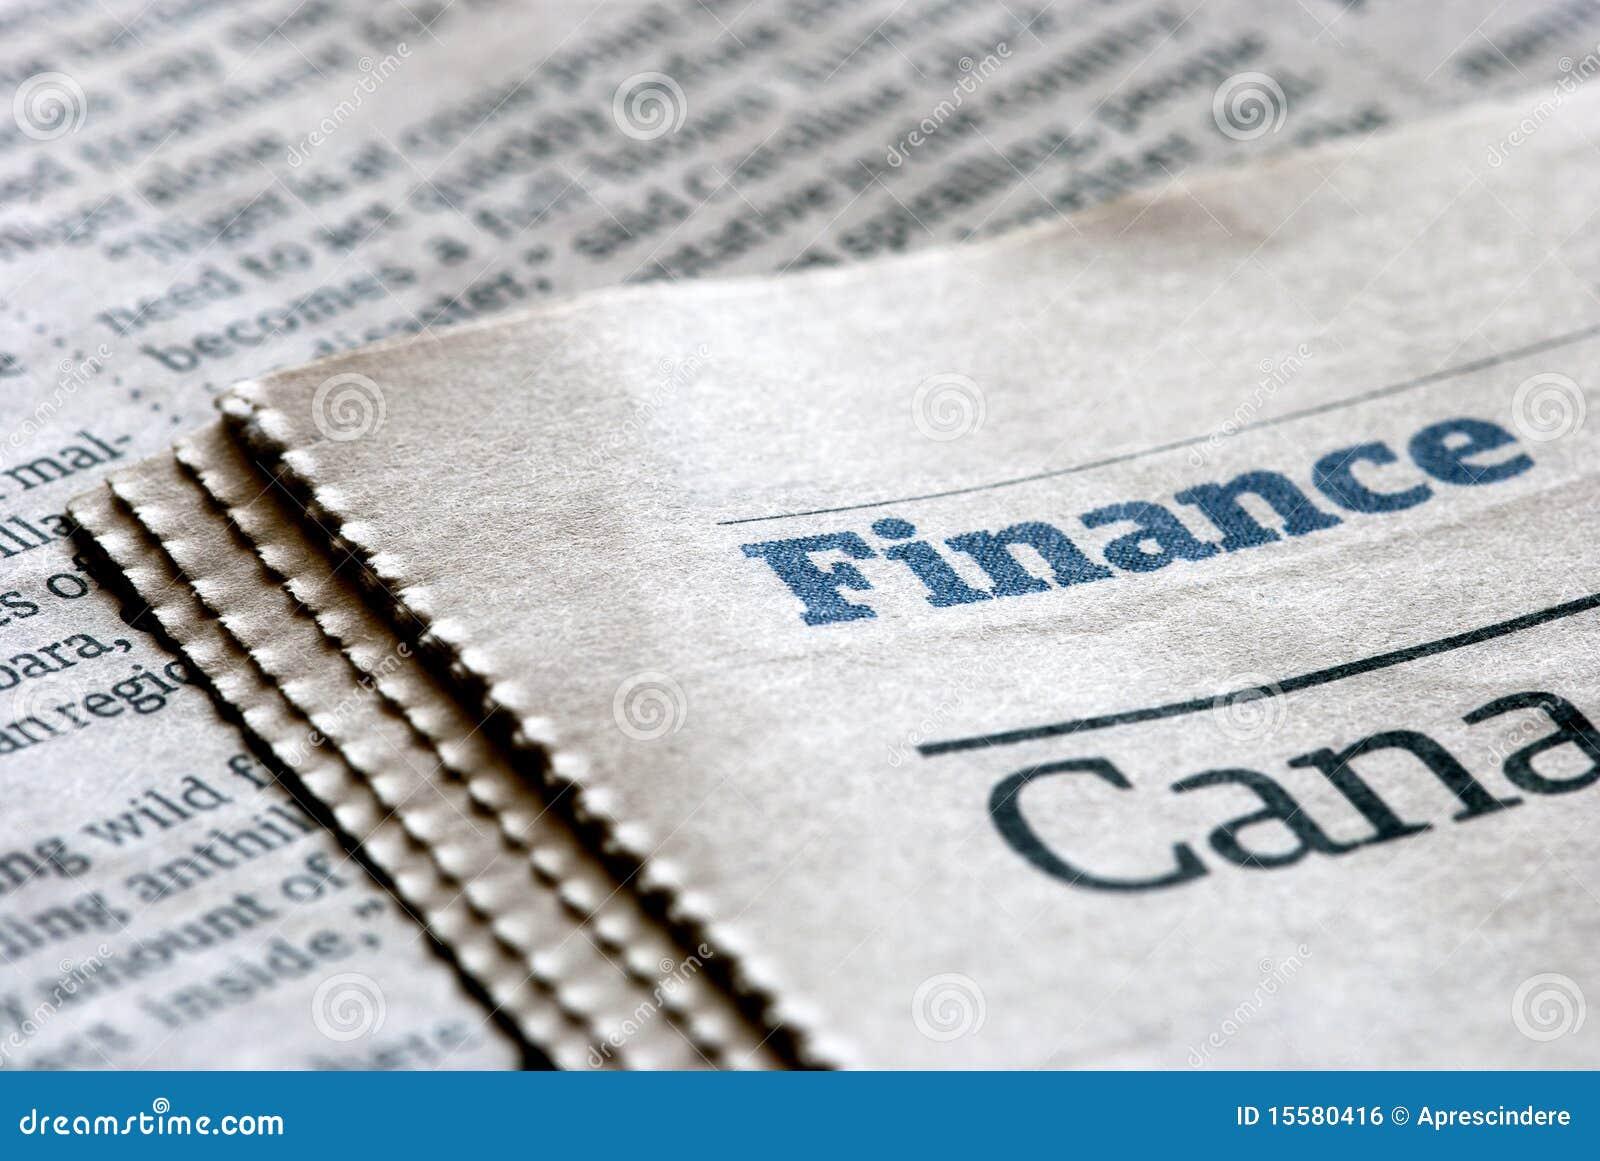 Finanzennachrichten